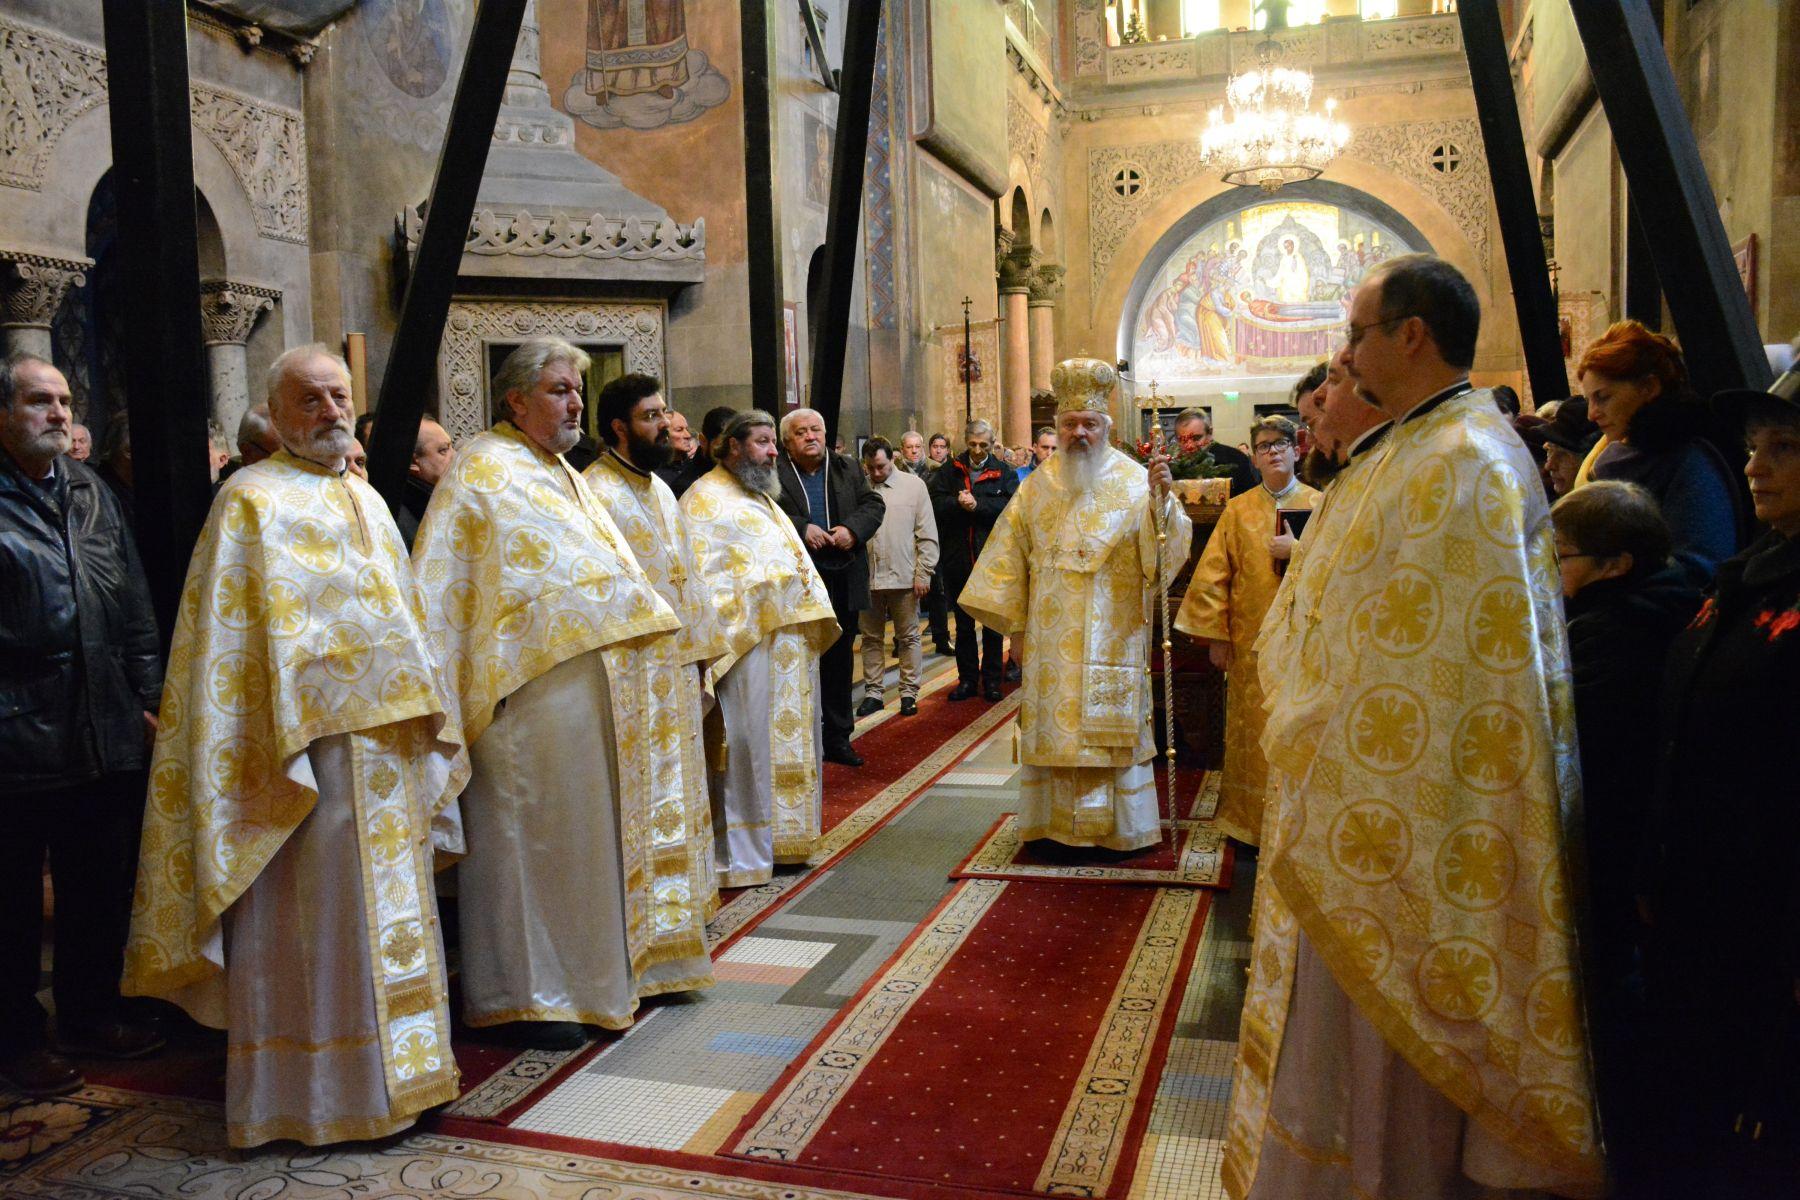 Donație de 180.000 de lei din partea preoților clujeni și a Arhiepiscopiei Clujului pentru Spitalul de Boli Infecțioase